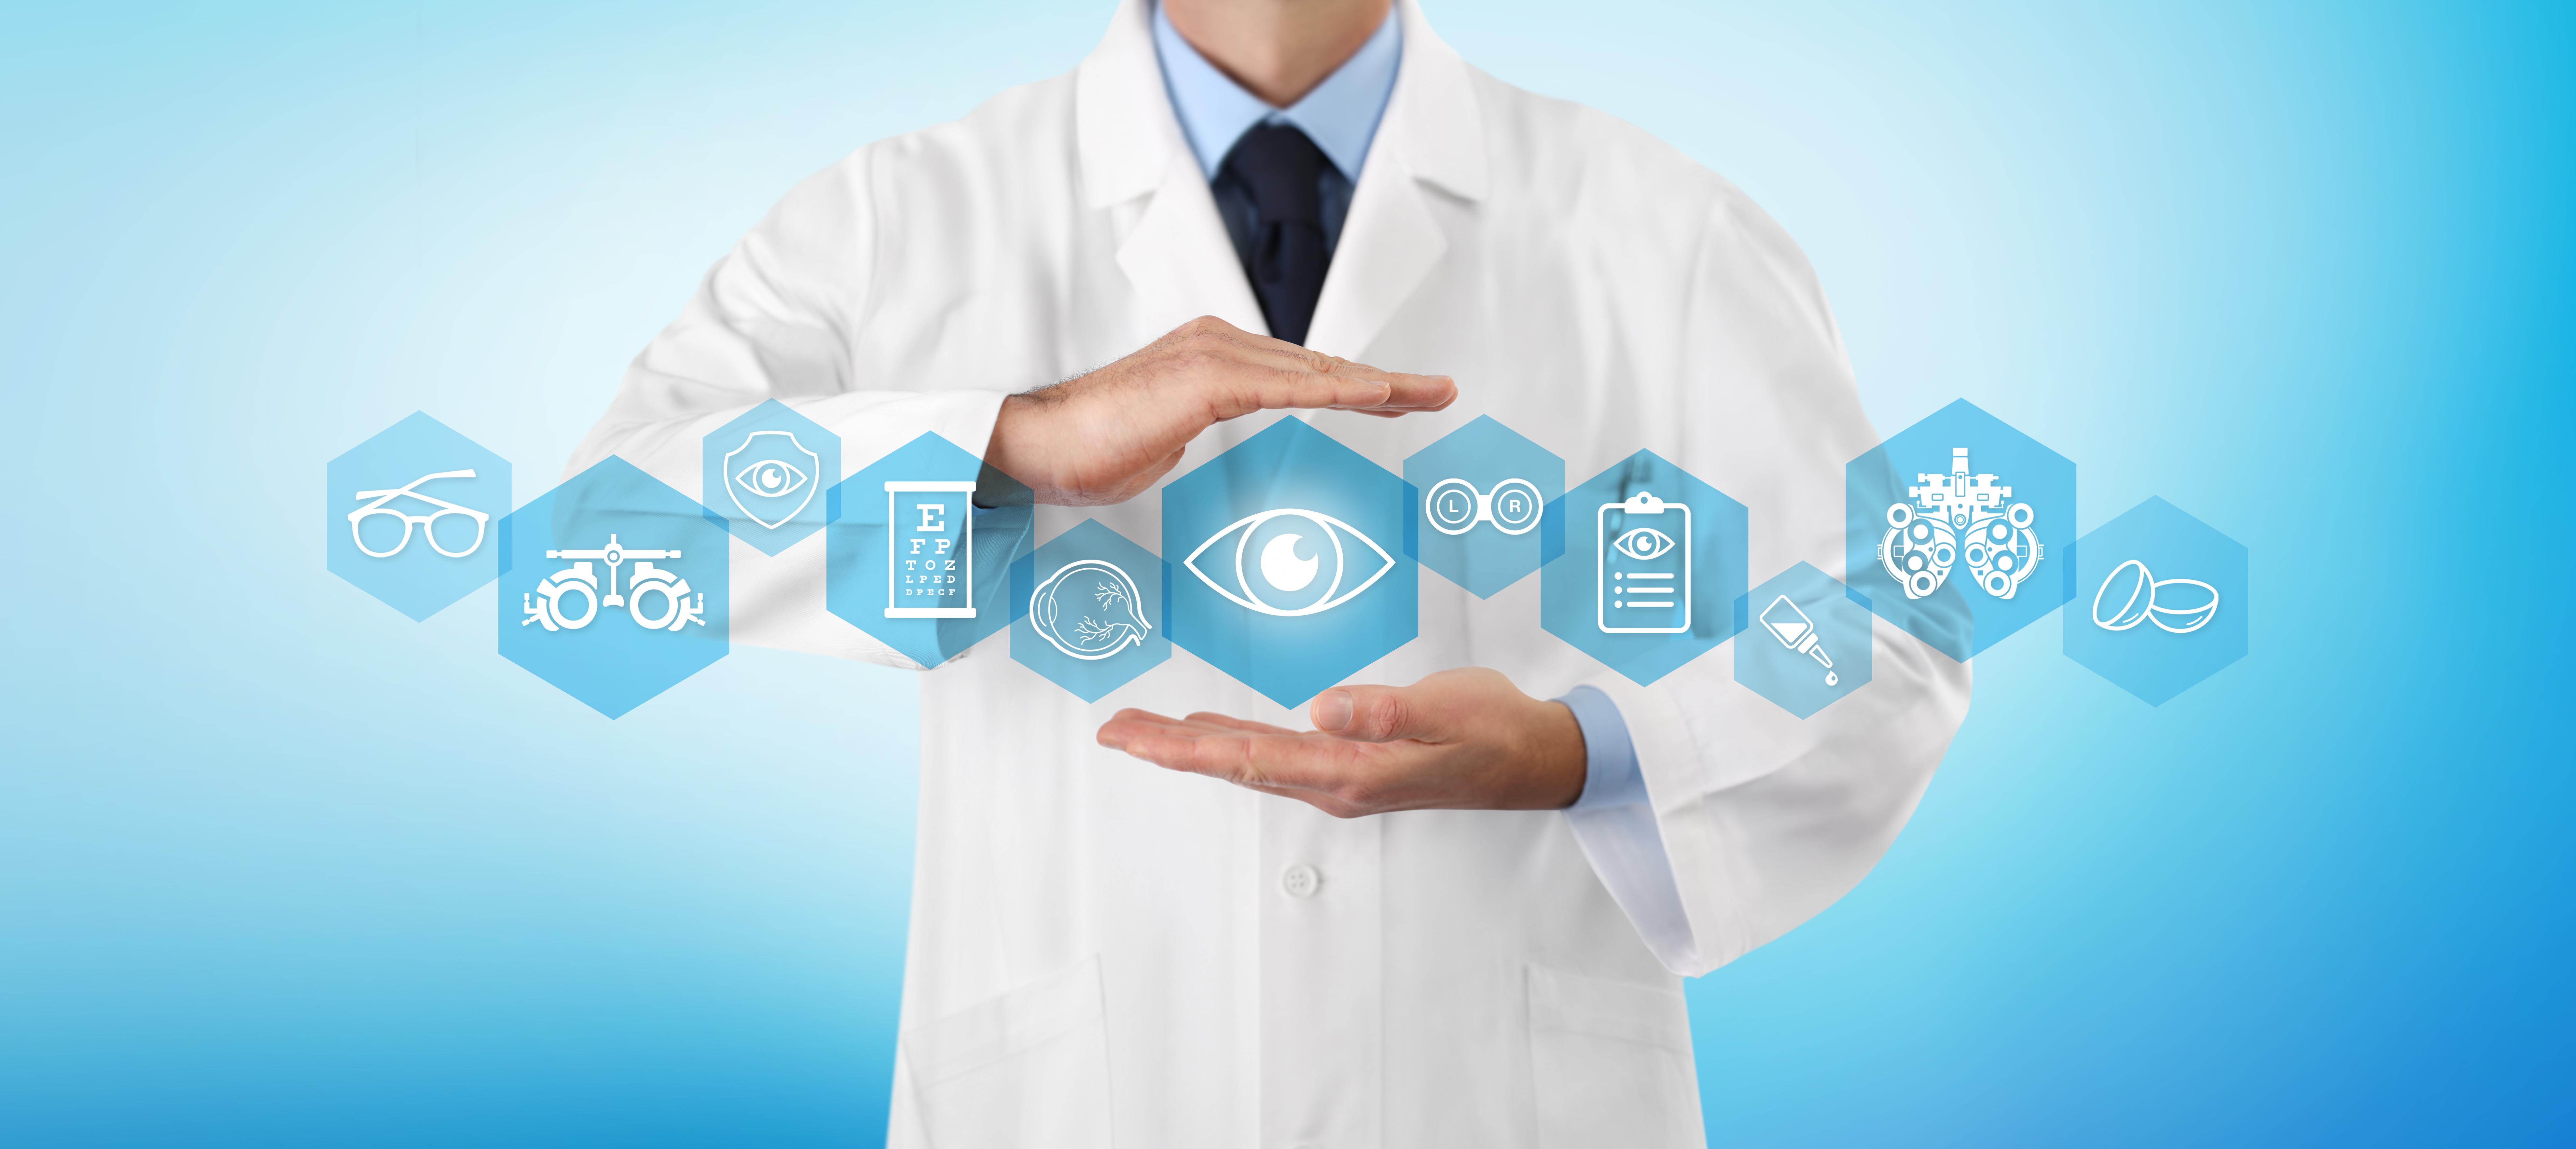 Hogyan hozhatják ki a látásából a legtöbbet a modern korrekciós szemüveglencsék?